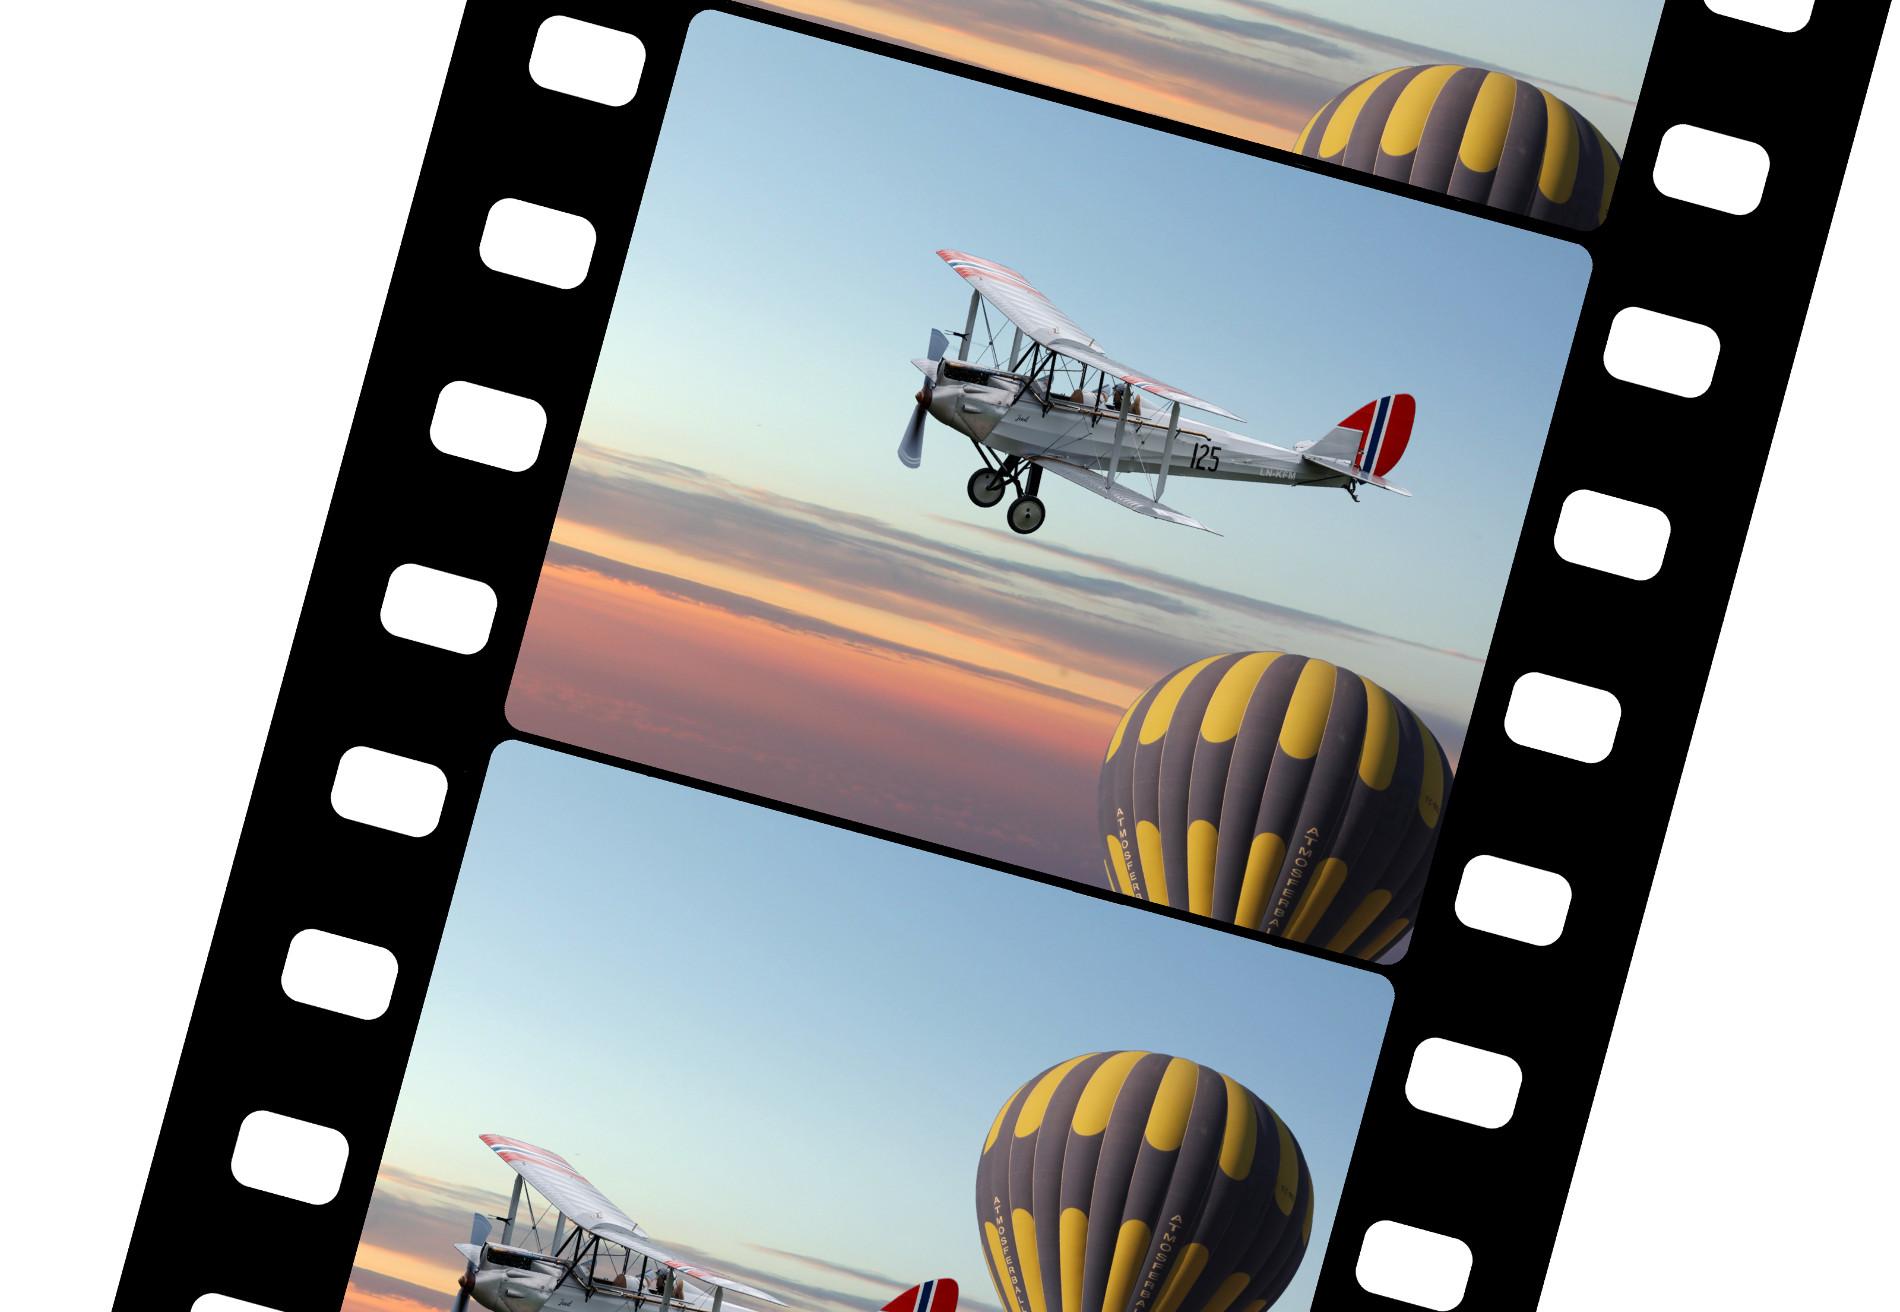 Bilde av filmstripe med et fly og en luftballong i solnedgang